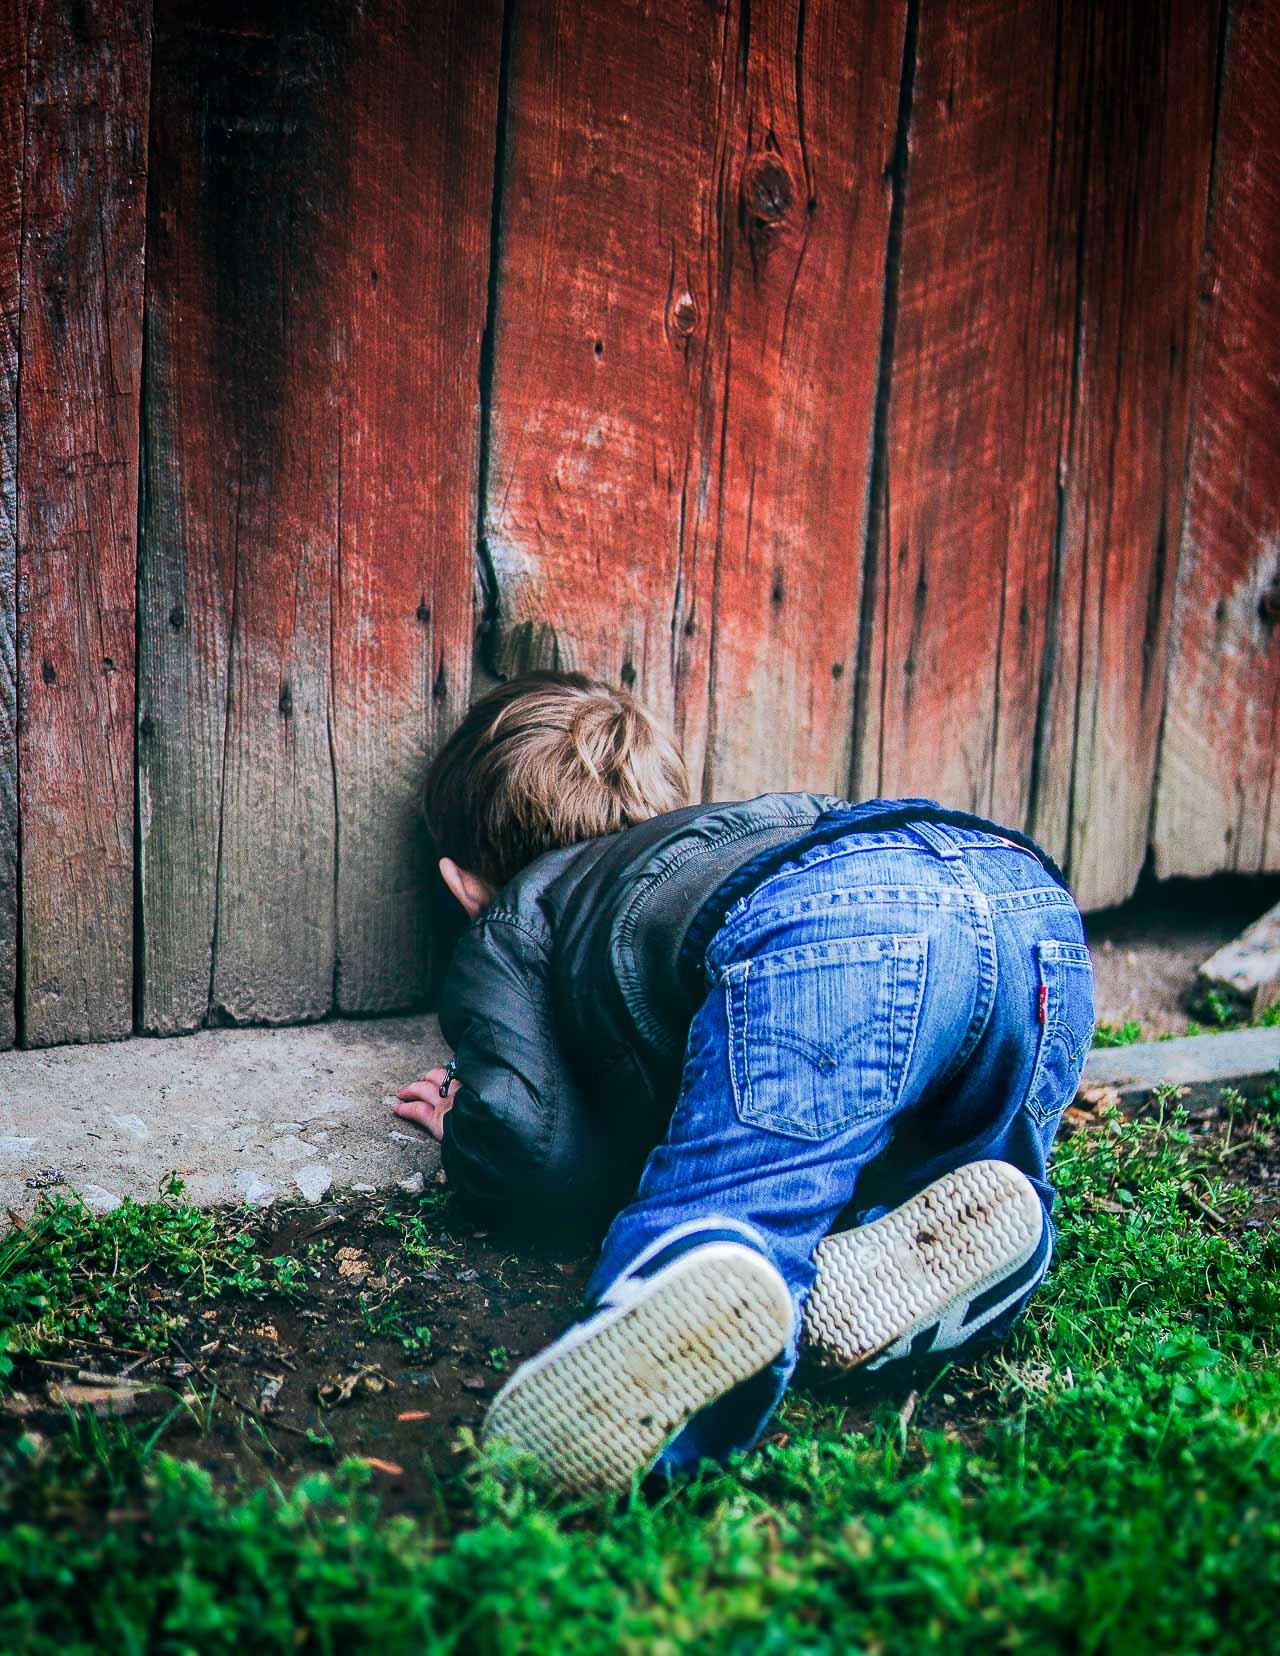 Børnefotografering når det er bedst